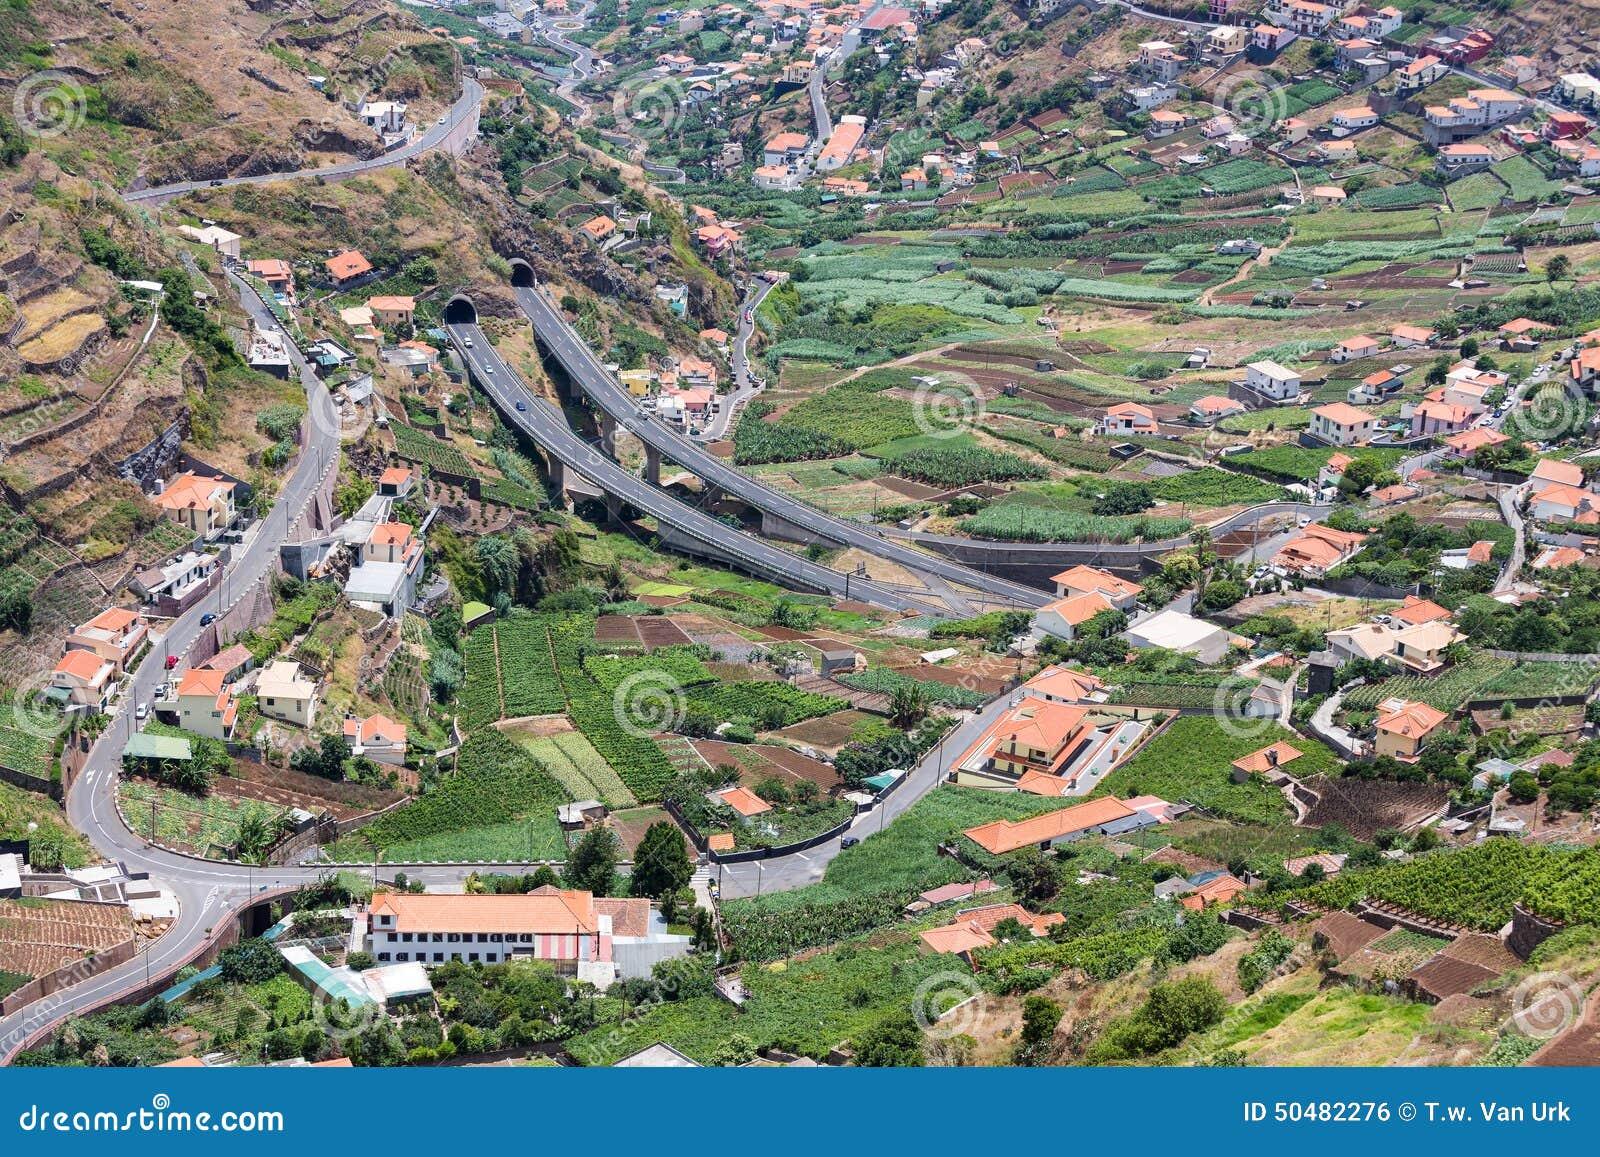 Vista aerea di piccoli villaggi e di una strada principale nelle montagne dell isola del Madera